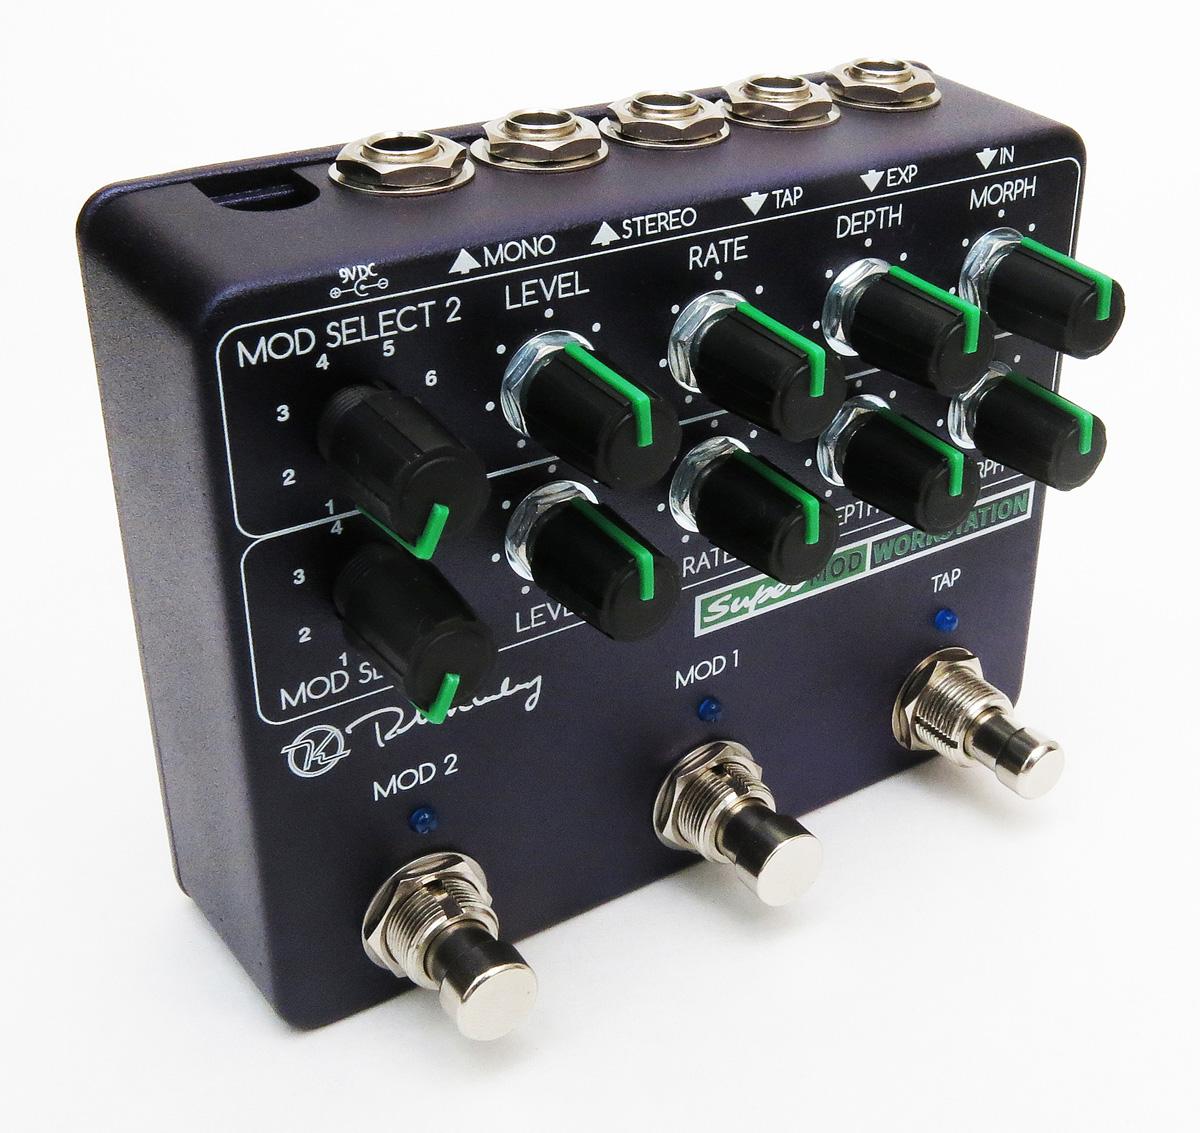 Keeley Electronics Super Mod Workstation pedal